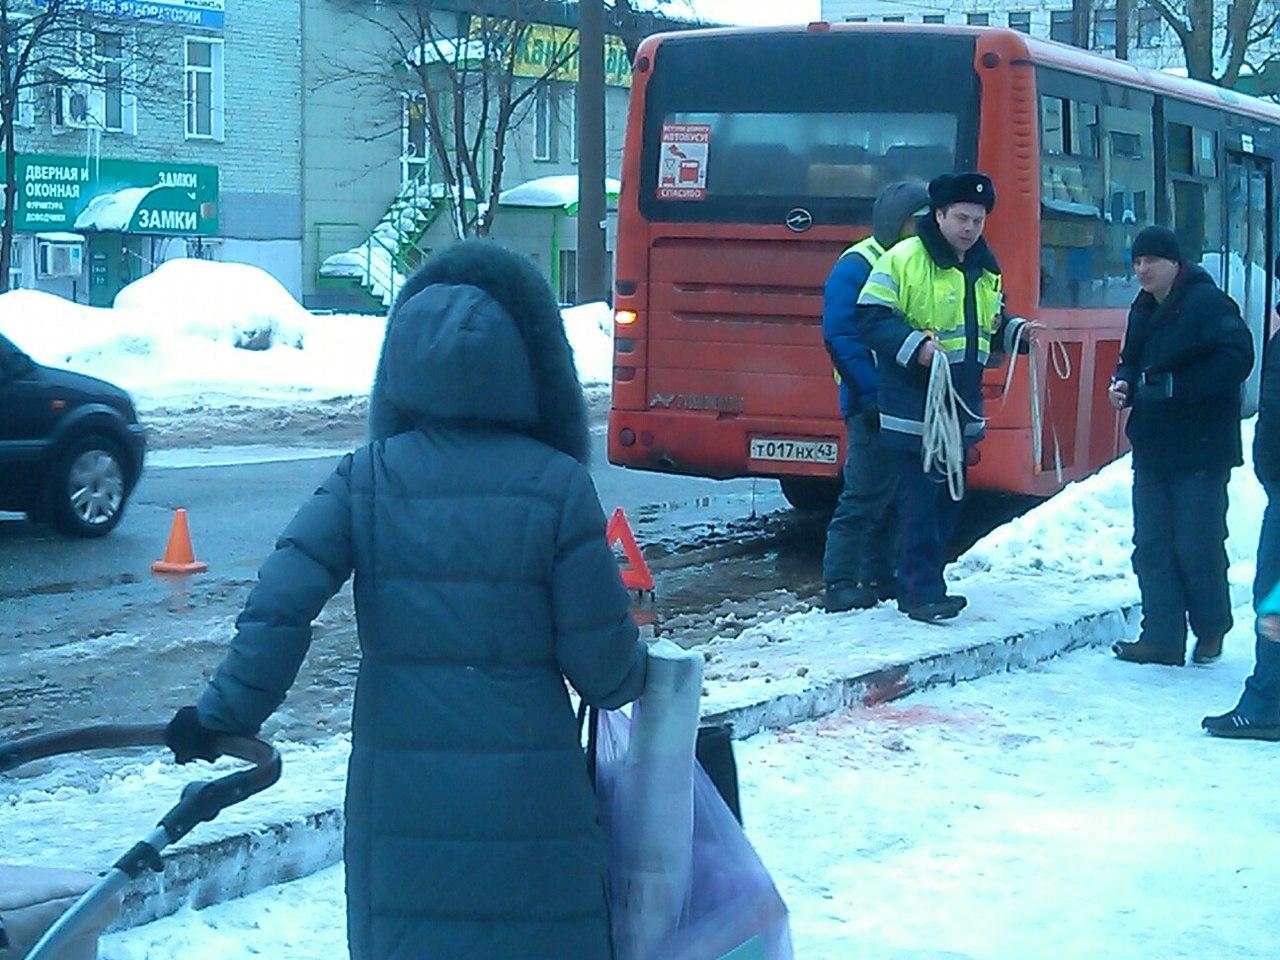 ВКирове автобус переехал пенсионерку: женщина погибла